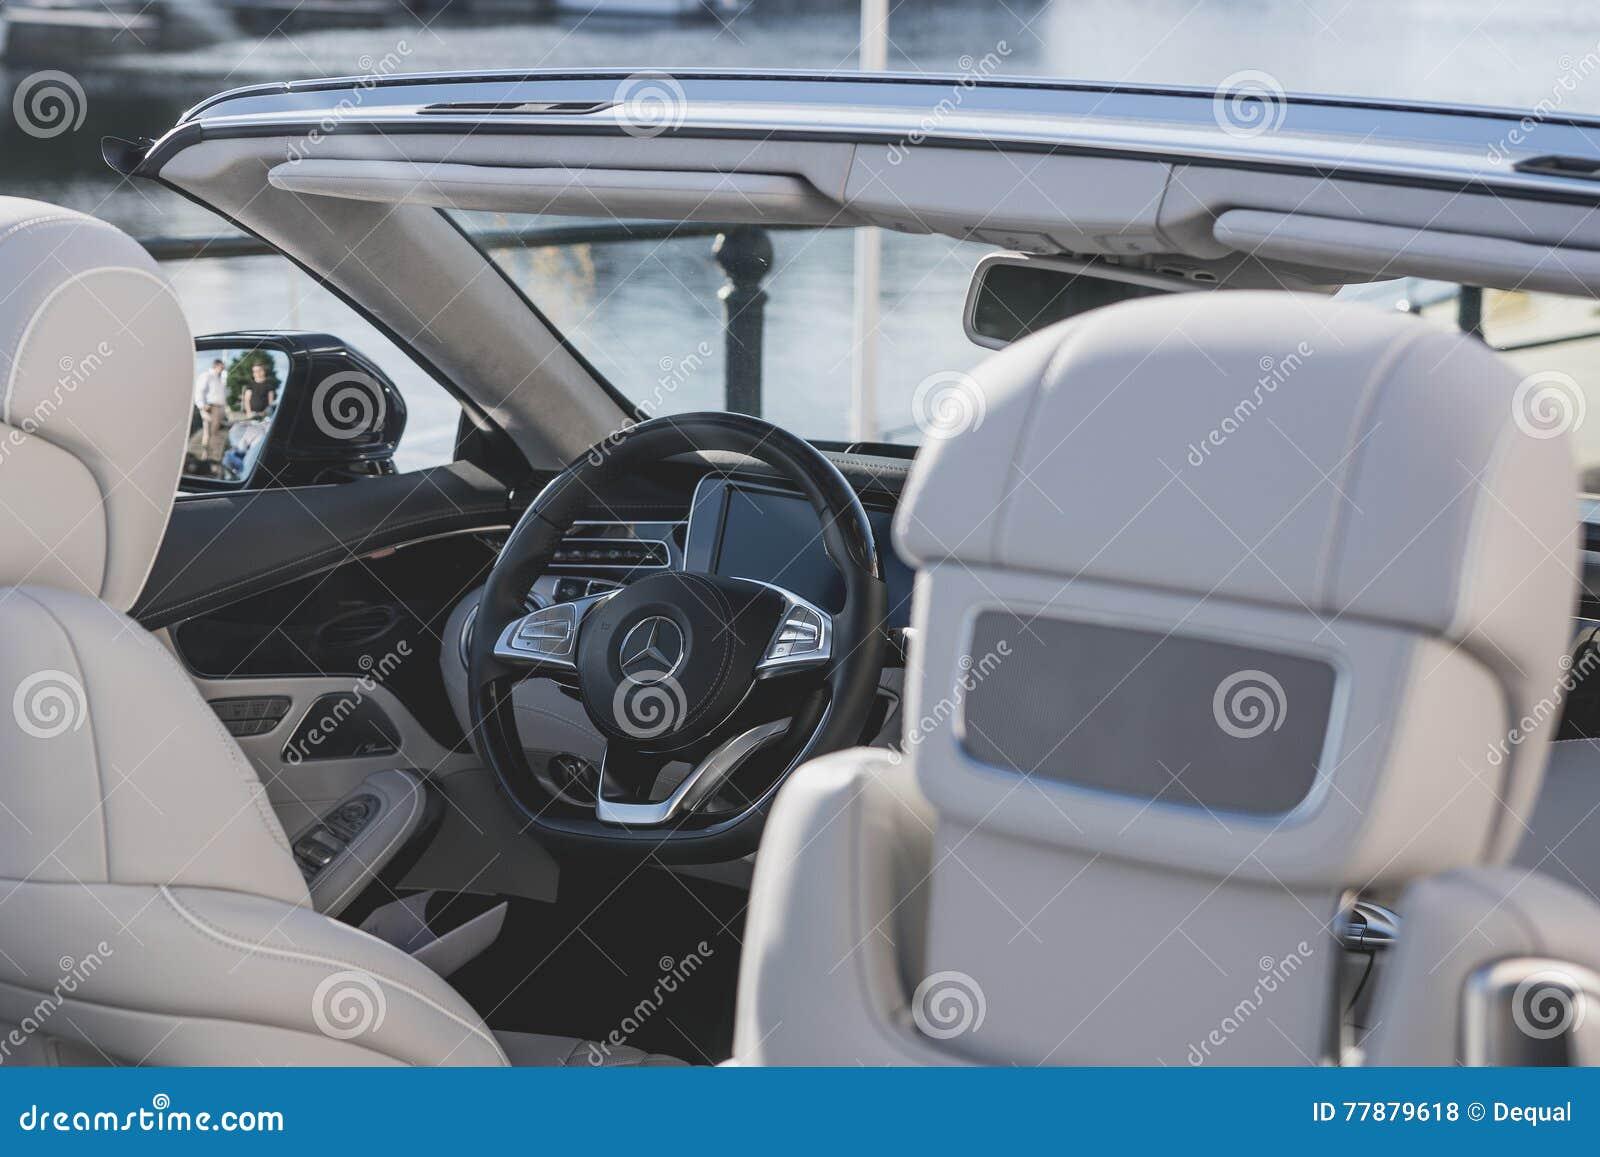 Mercedes benz convertible interior editorial stock photo for Mercedes benz interior parts online